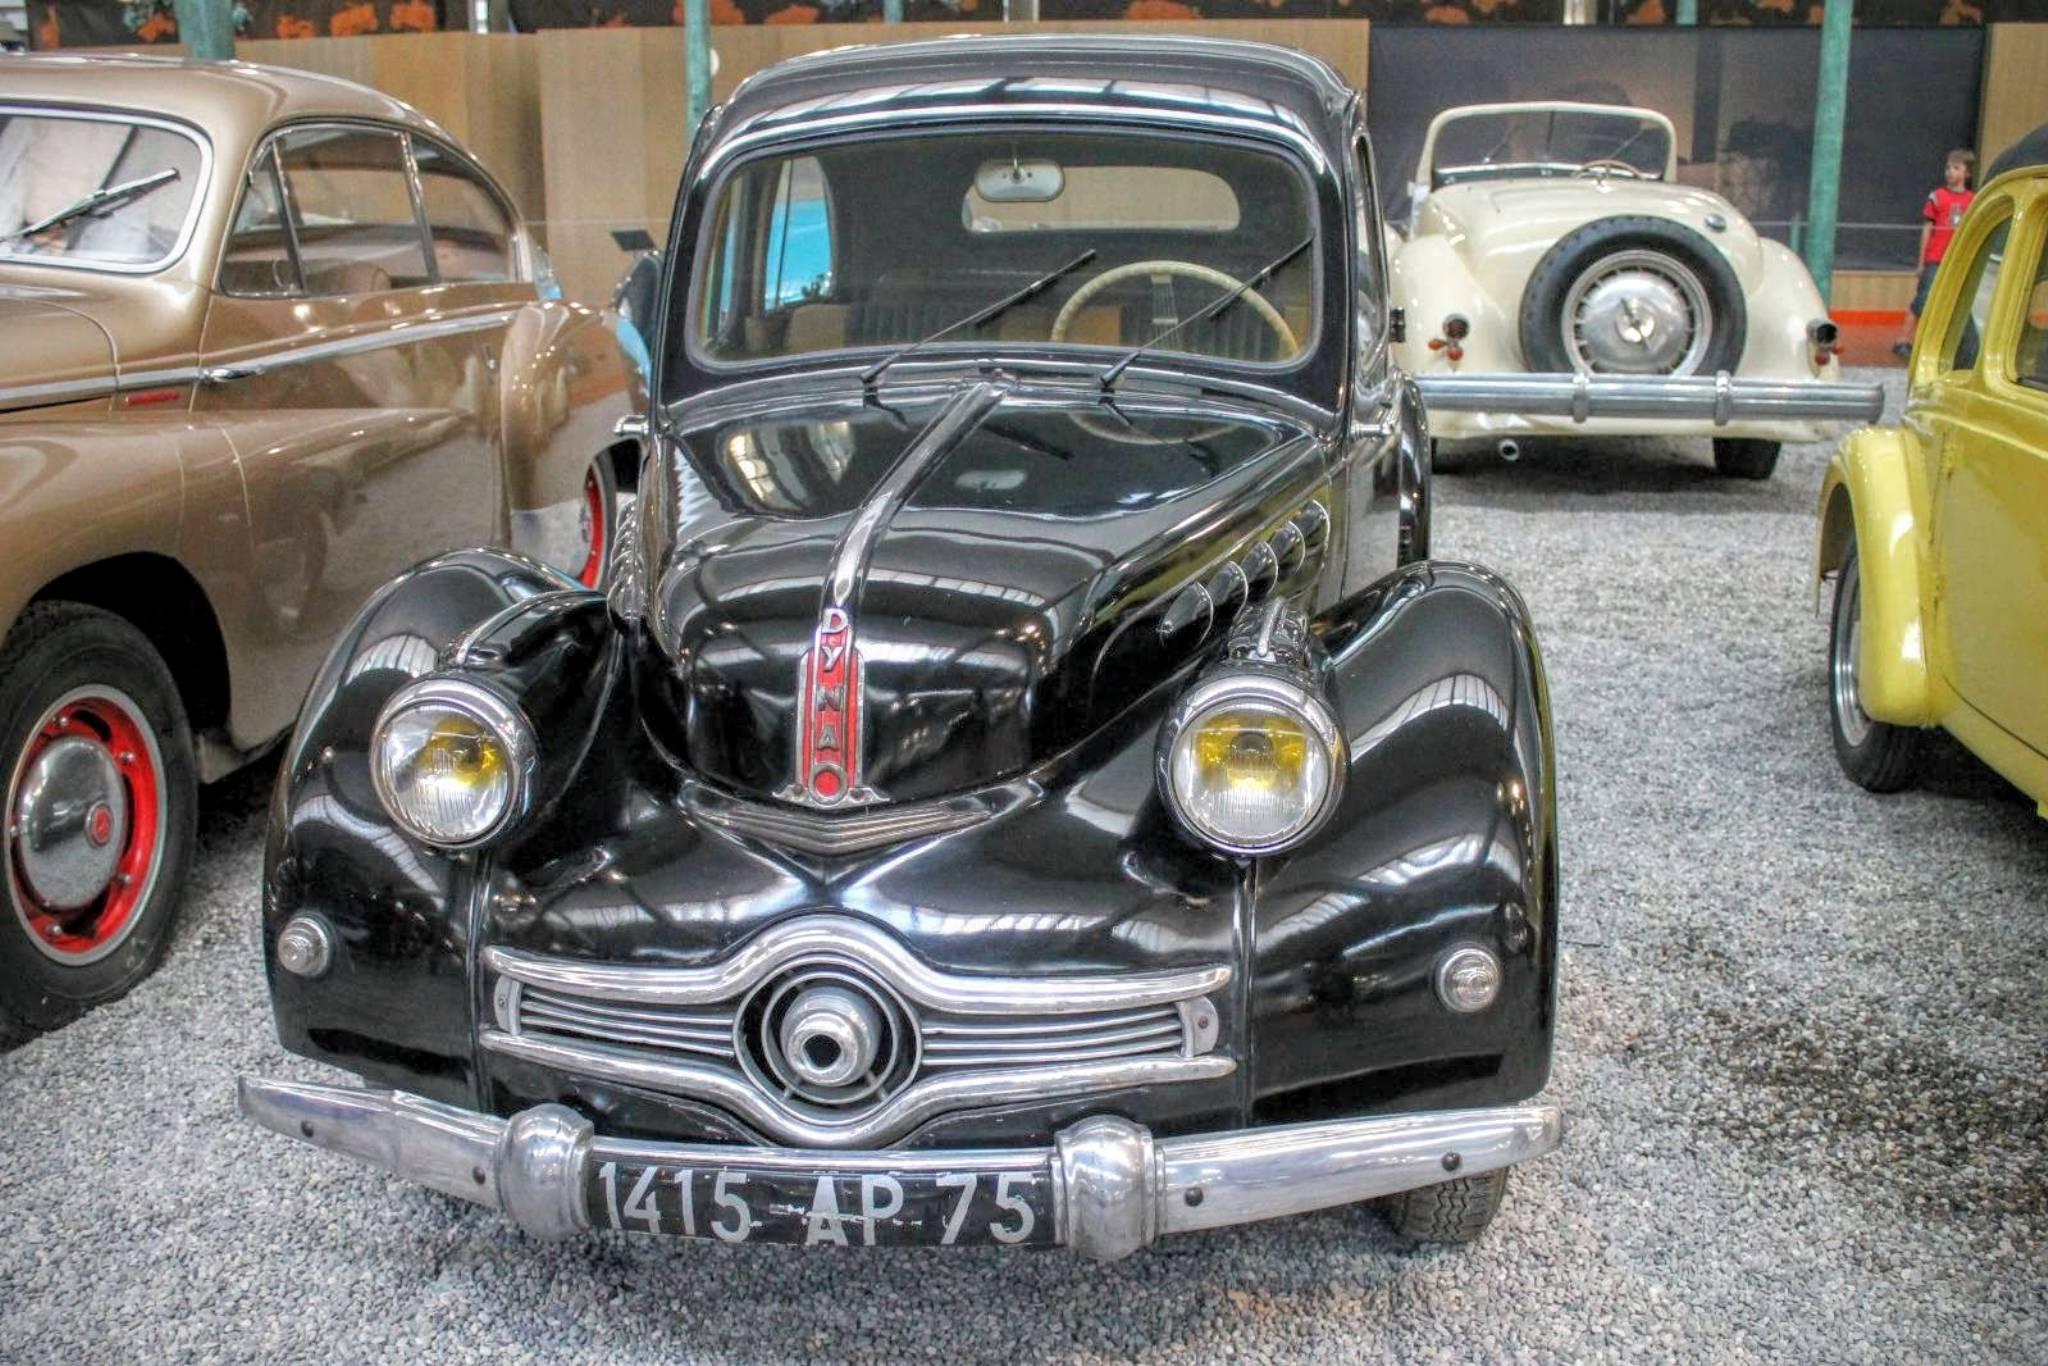 1947 Panhard Dyna X86